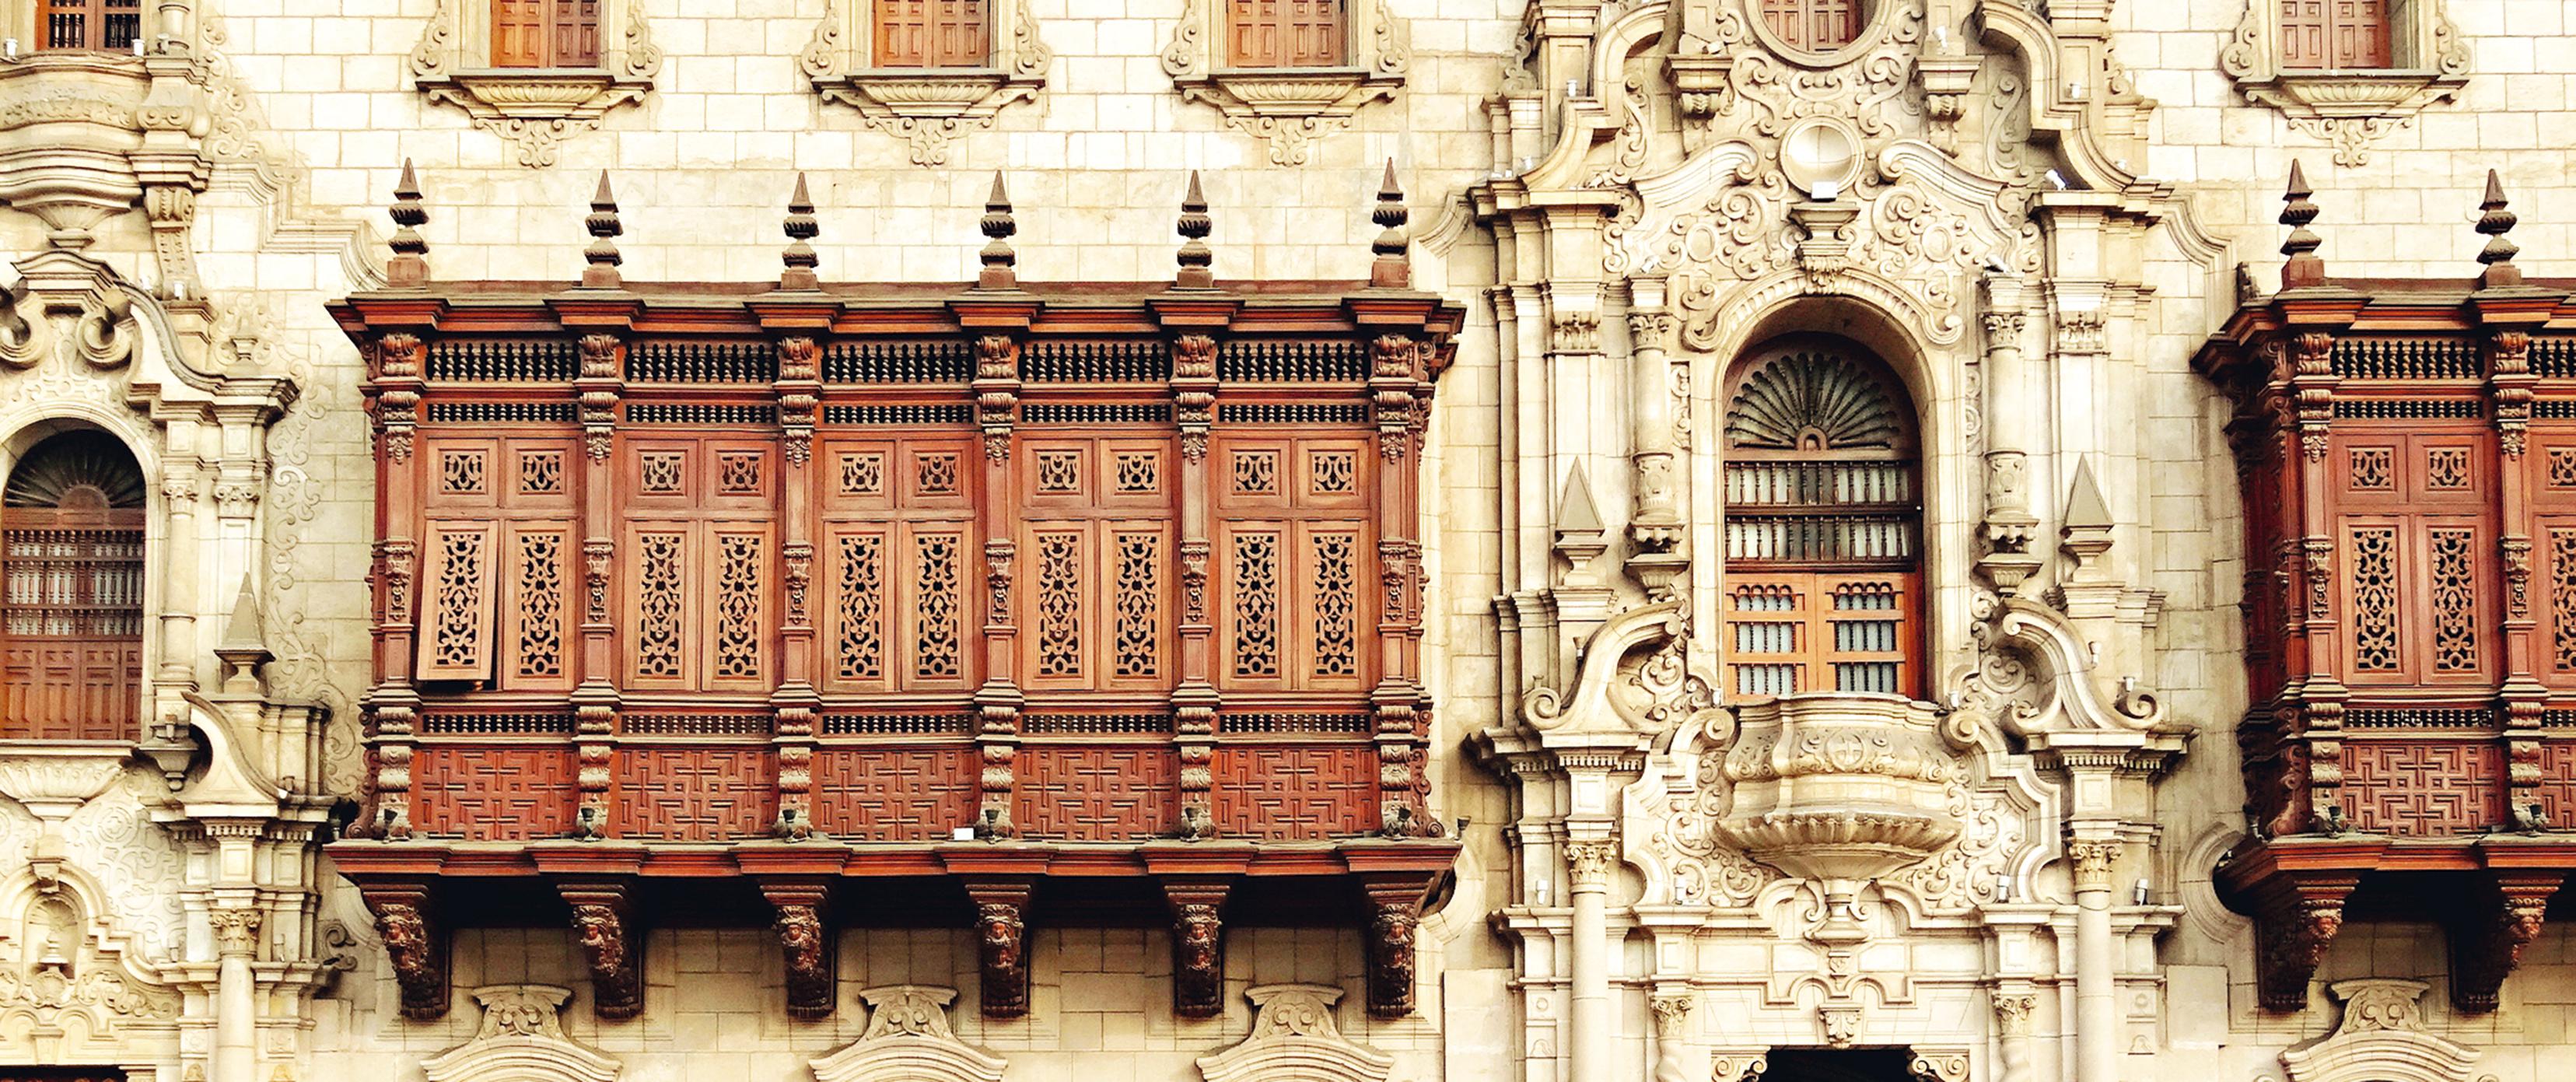 No Palácio do Arcebispo, uma cópia de uma varanda de madeira entalhada